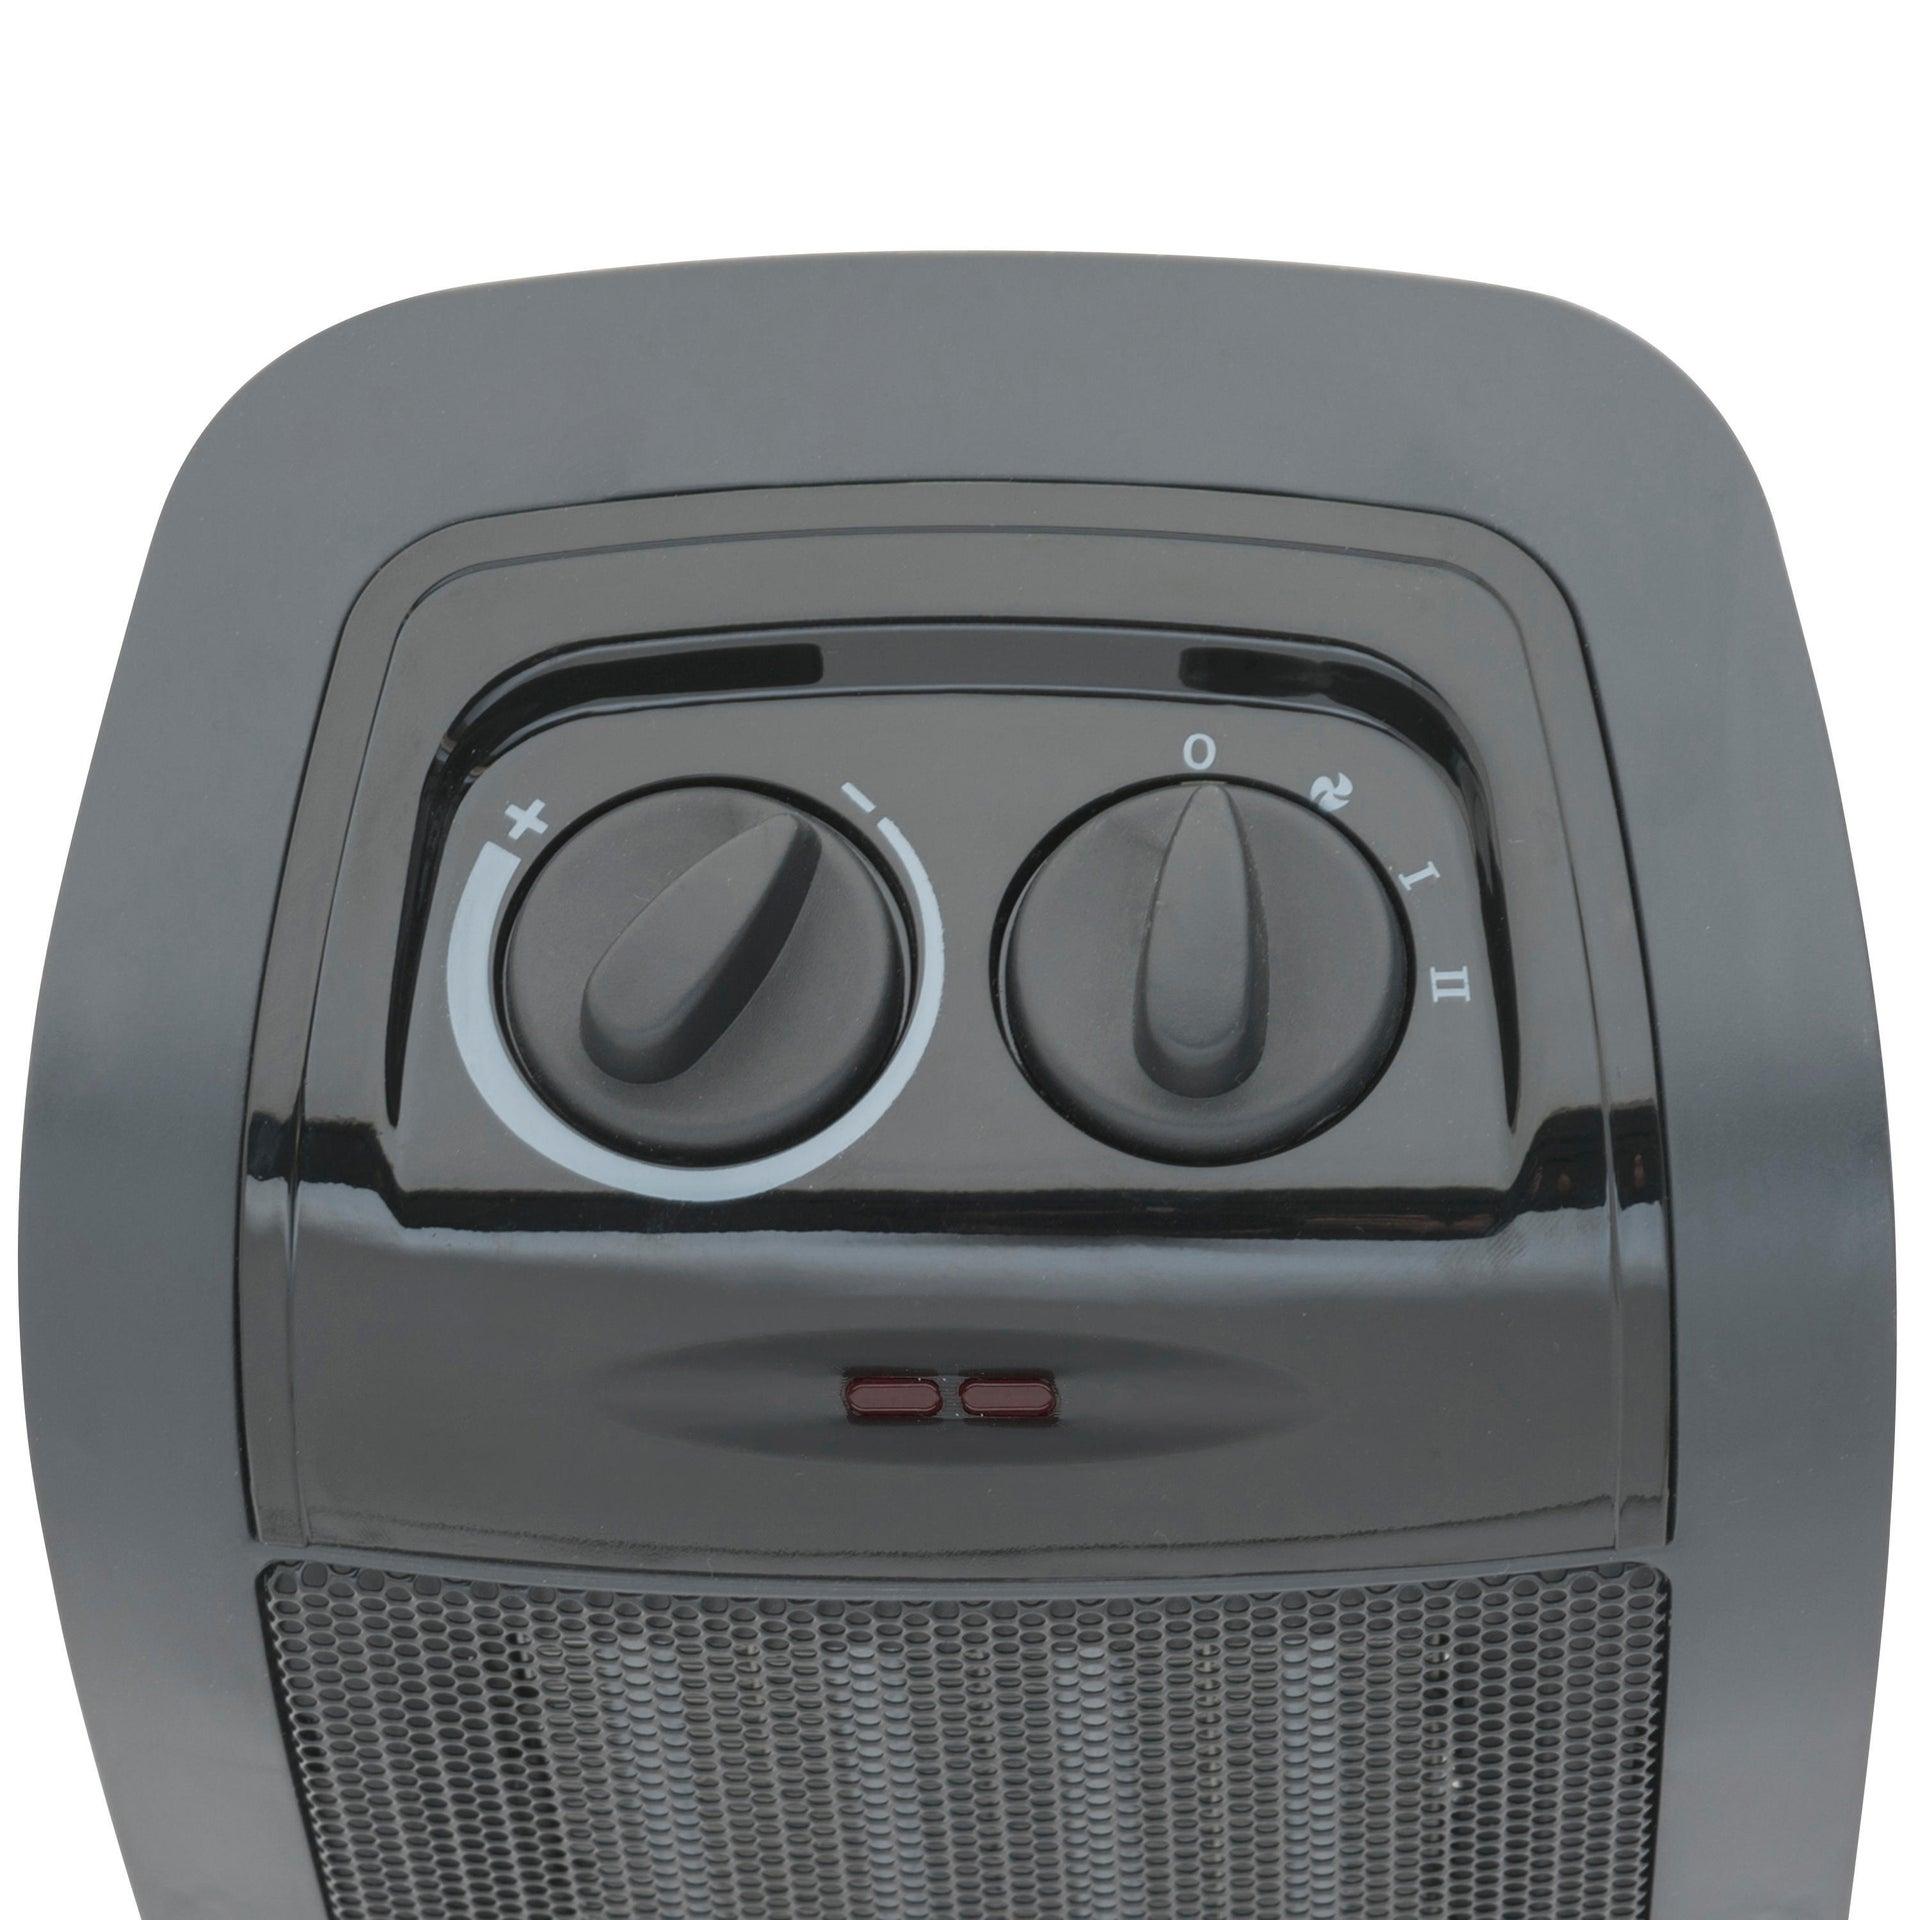 Termoventilatore elettrico EQUATION nero 1500 W - 2